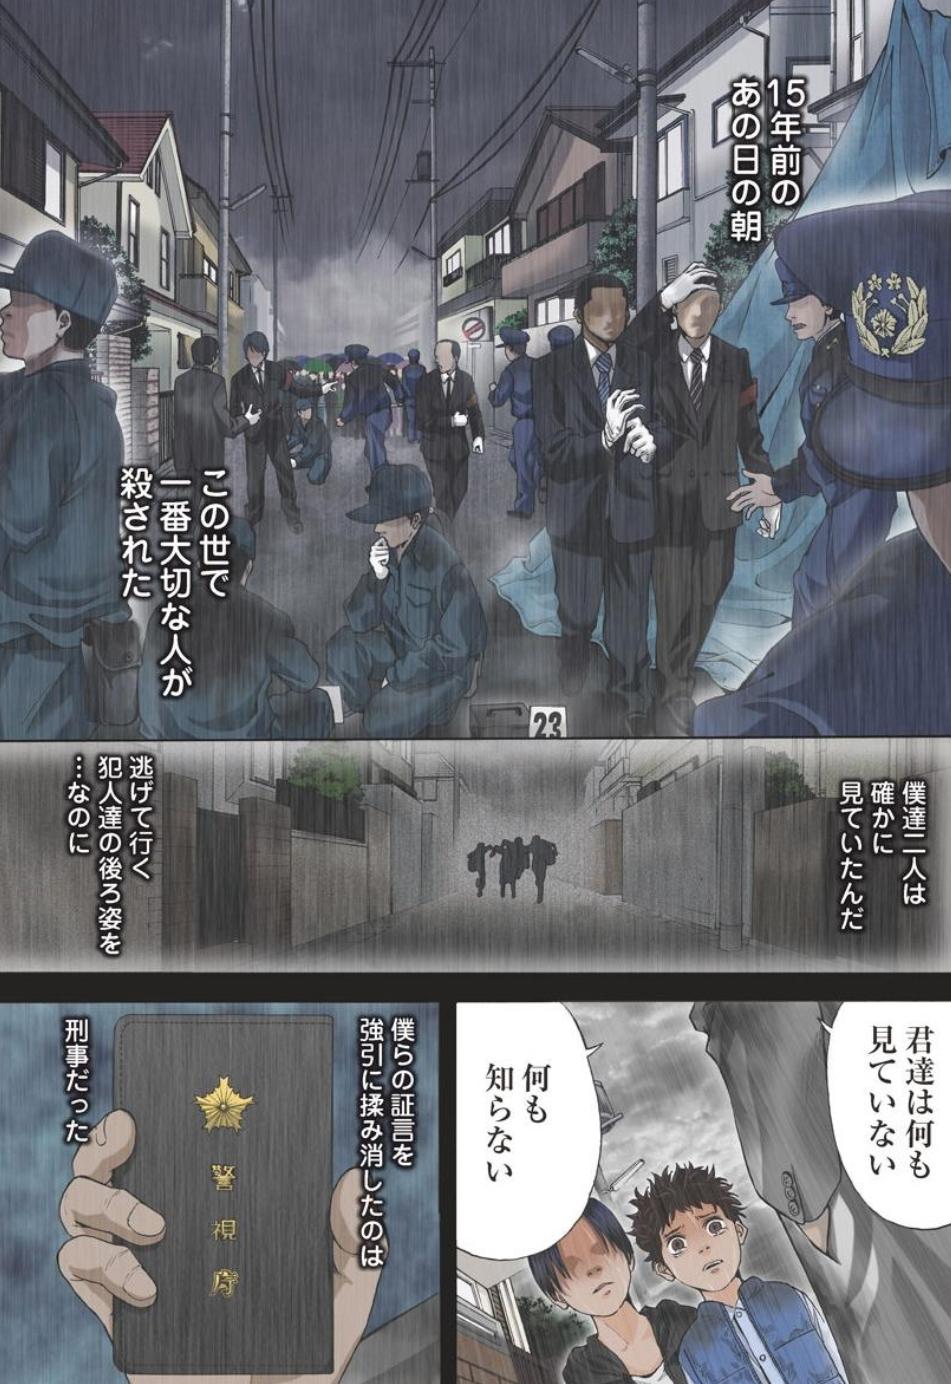 漫画「ウロボロス」の魅力を最終回までネタバレ紹介!無料で読める!